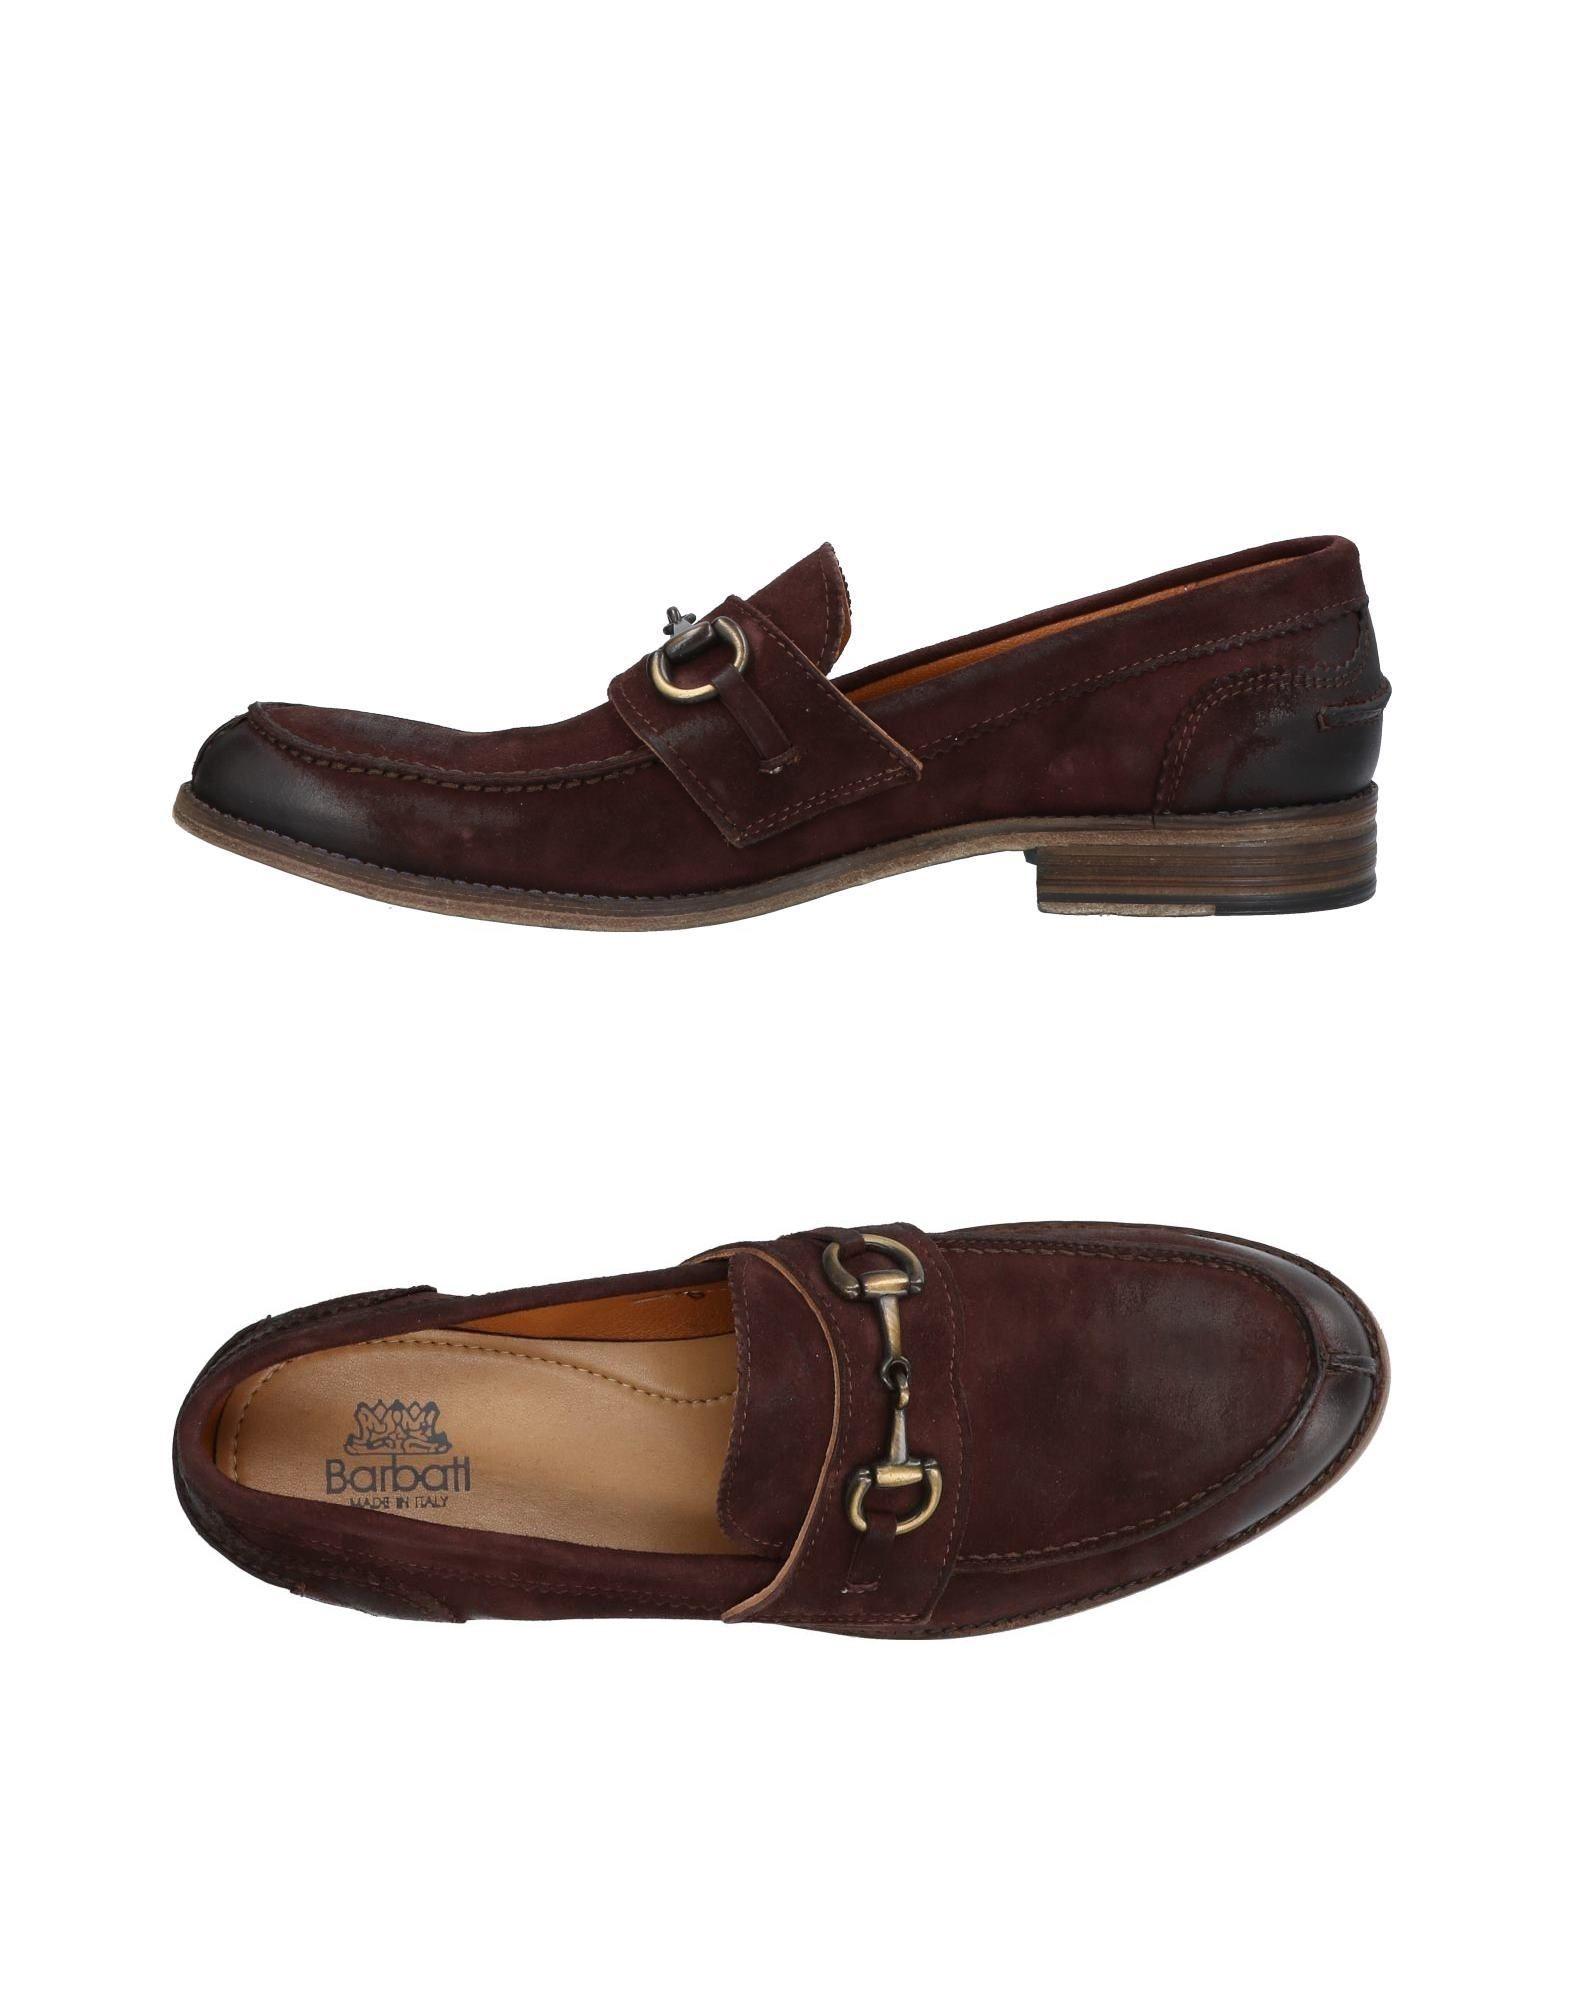 Rabatt echte Schuhe Barbati Mokassins Herren  11465318RU